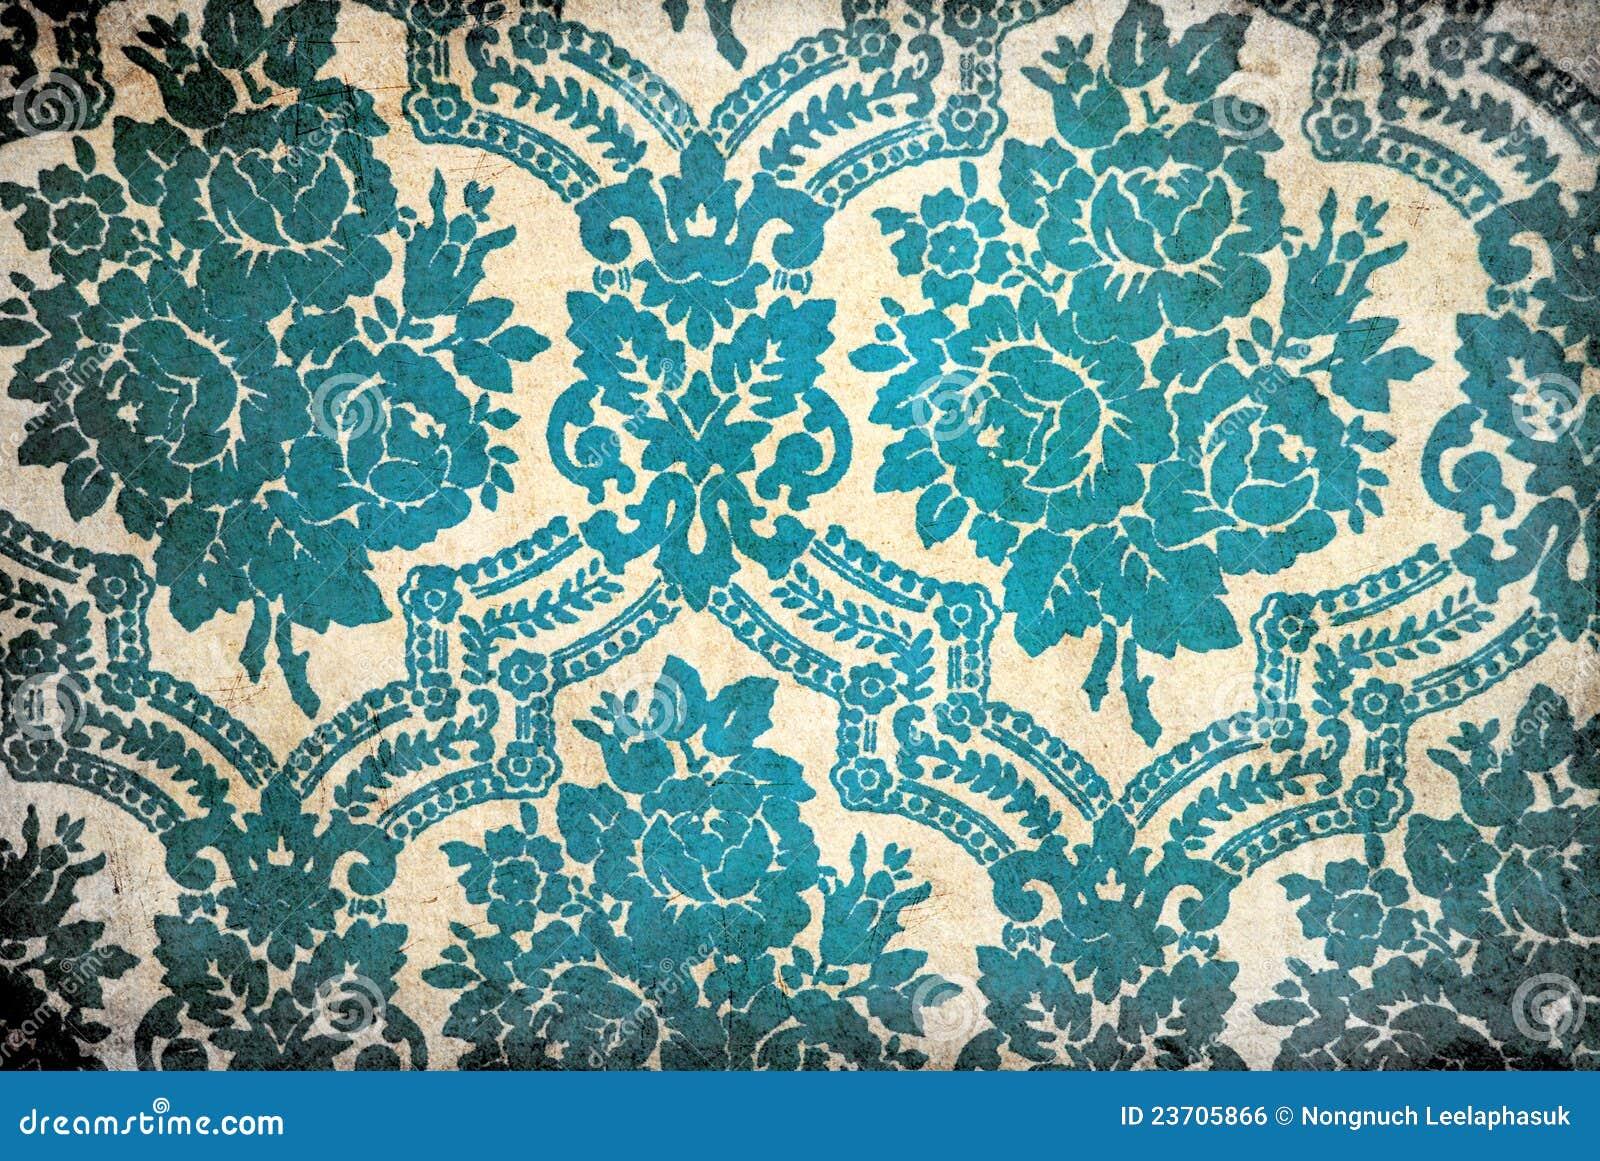 Blue Floral Vintage Wallpaper Flower vintage wallpaper